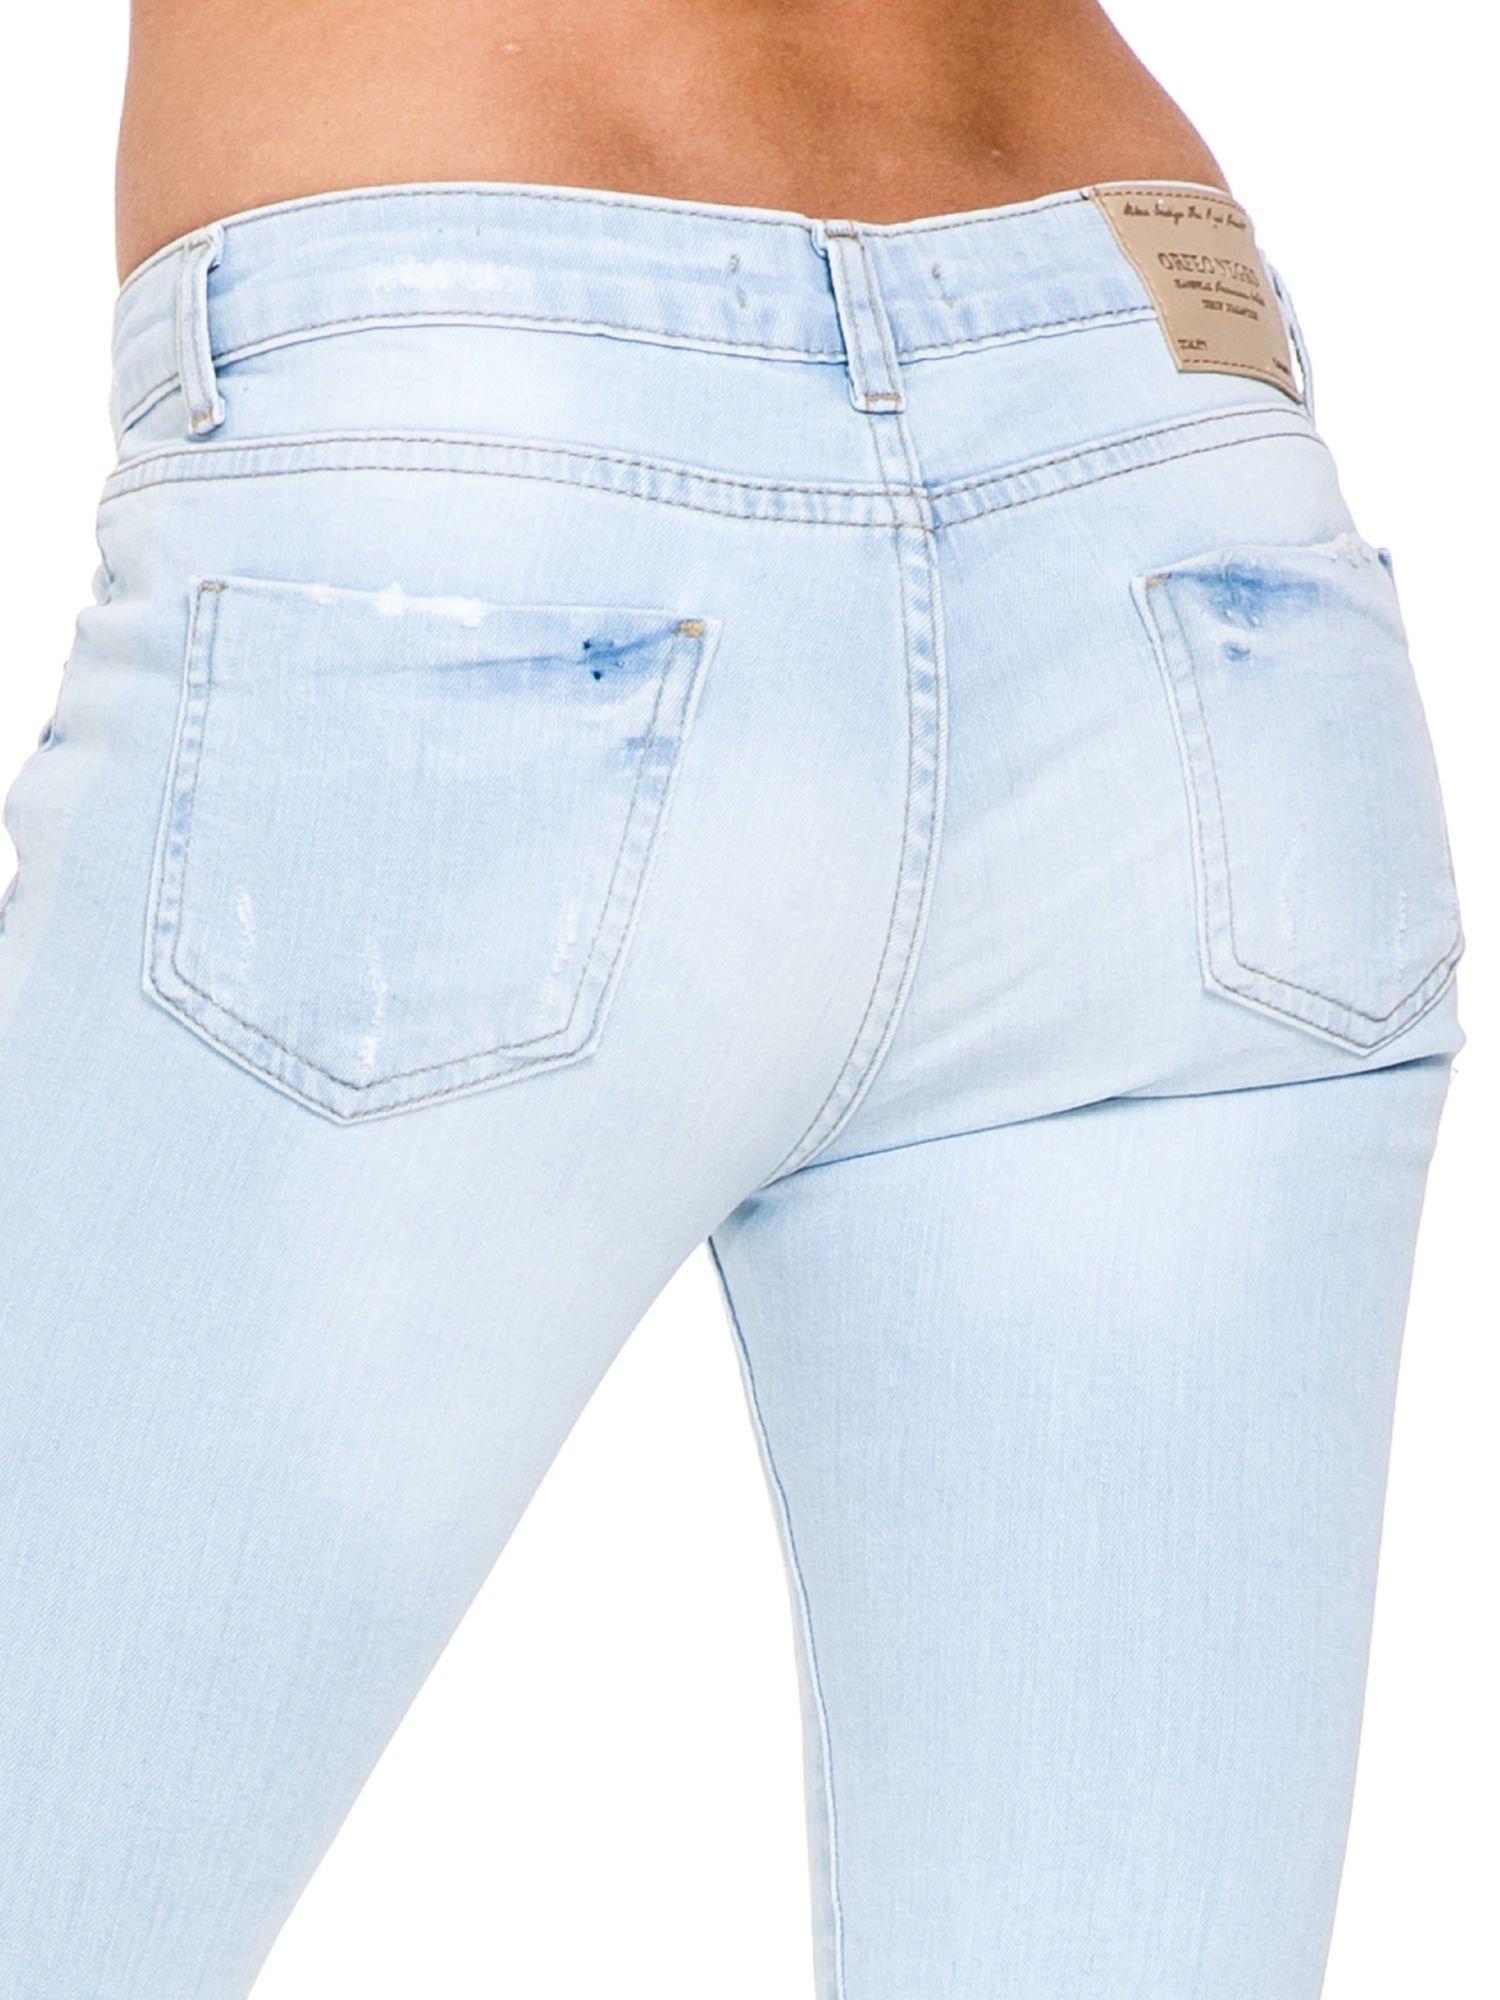 Jasnoniebieskie spodnie jeasnowe skinny jeans z łatami i dziurami                                  zdj.                                  7